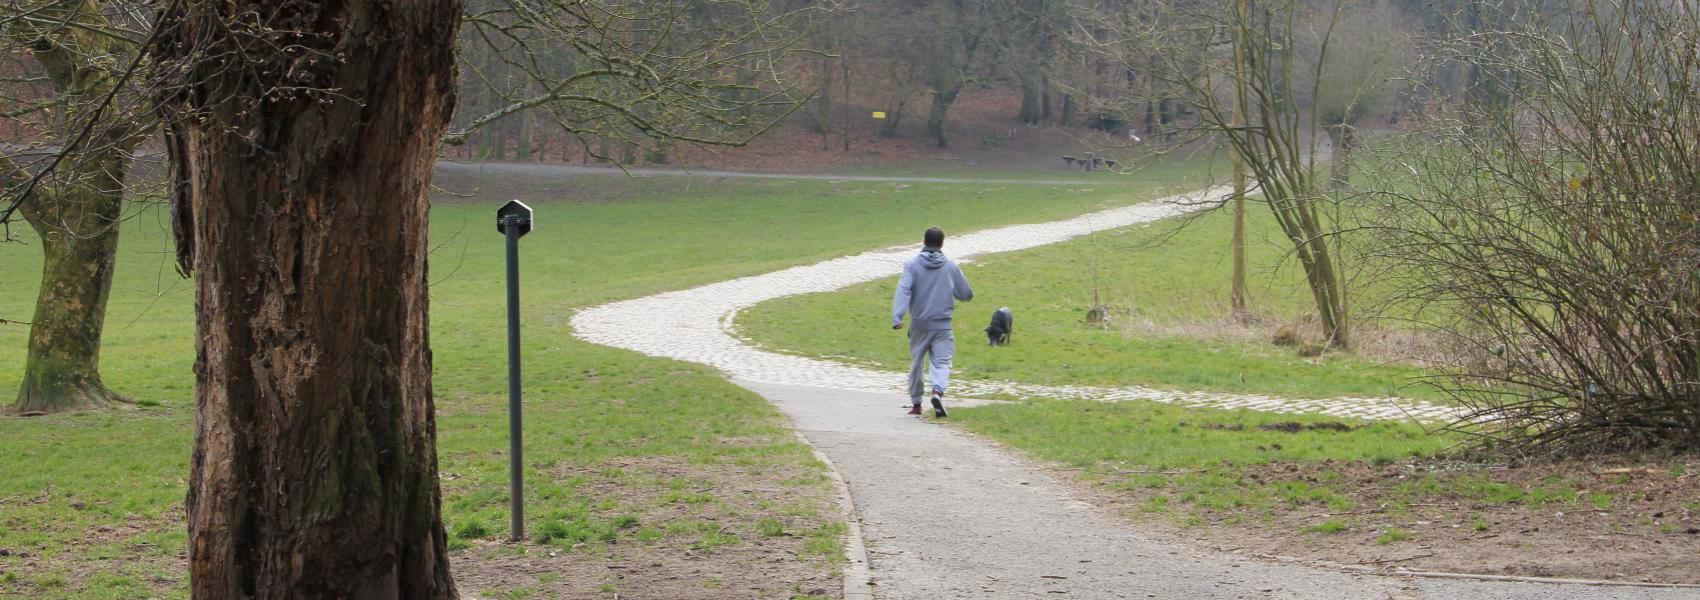 wandelaar met hond